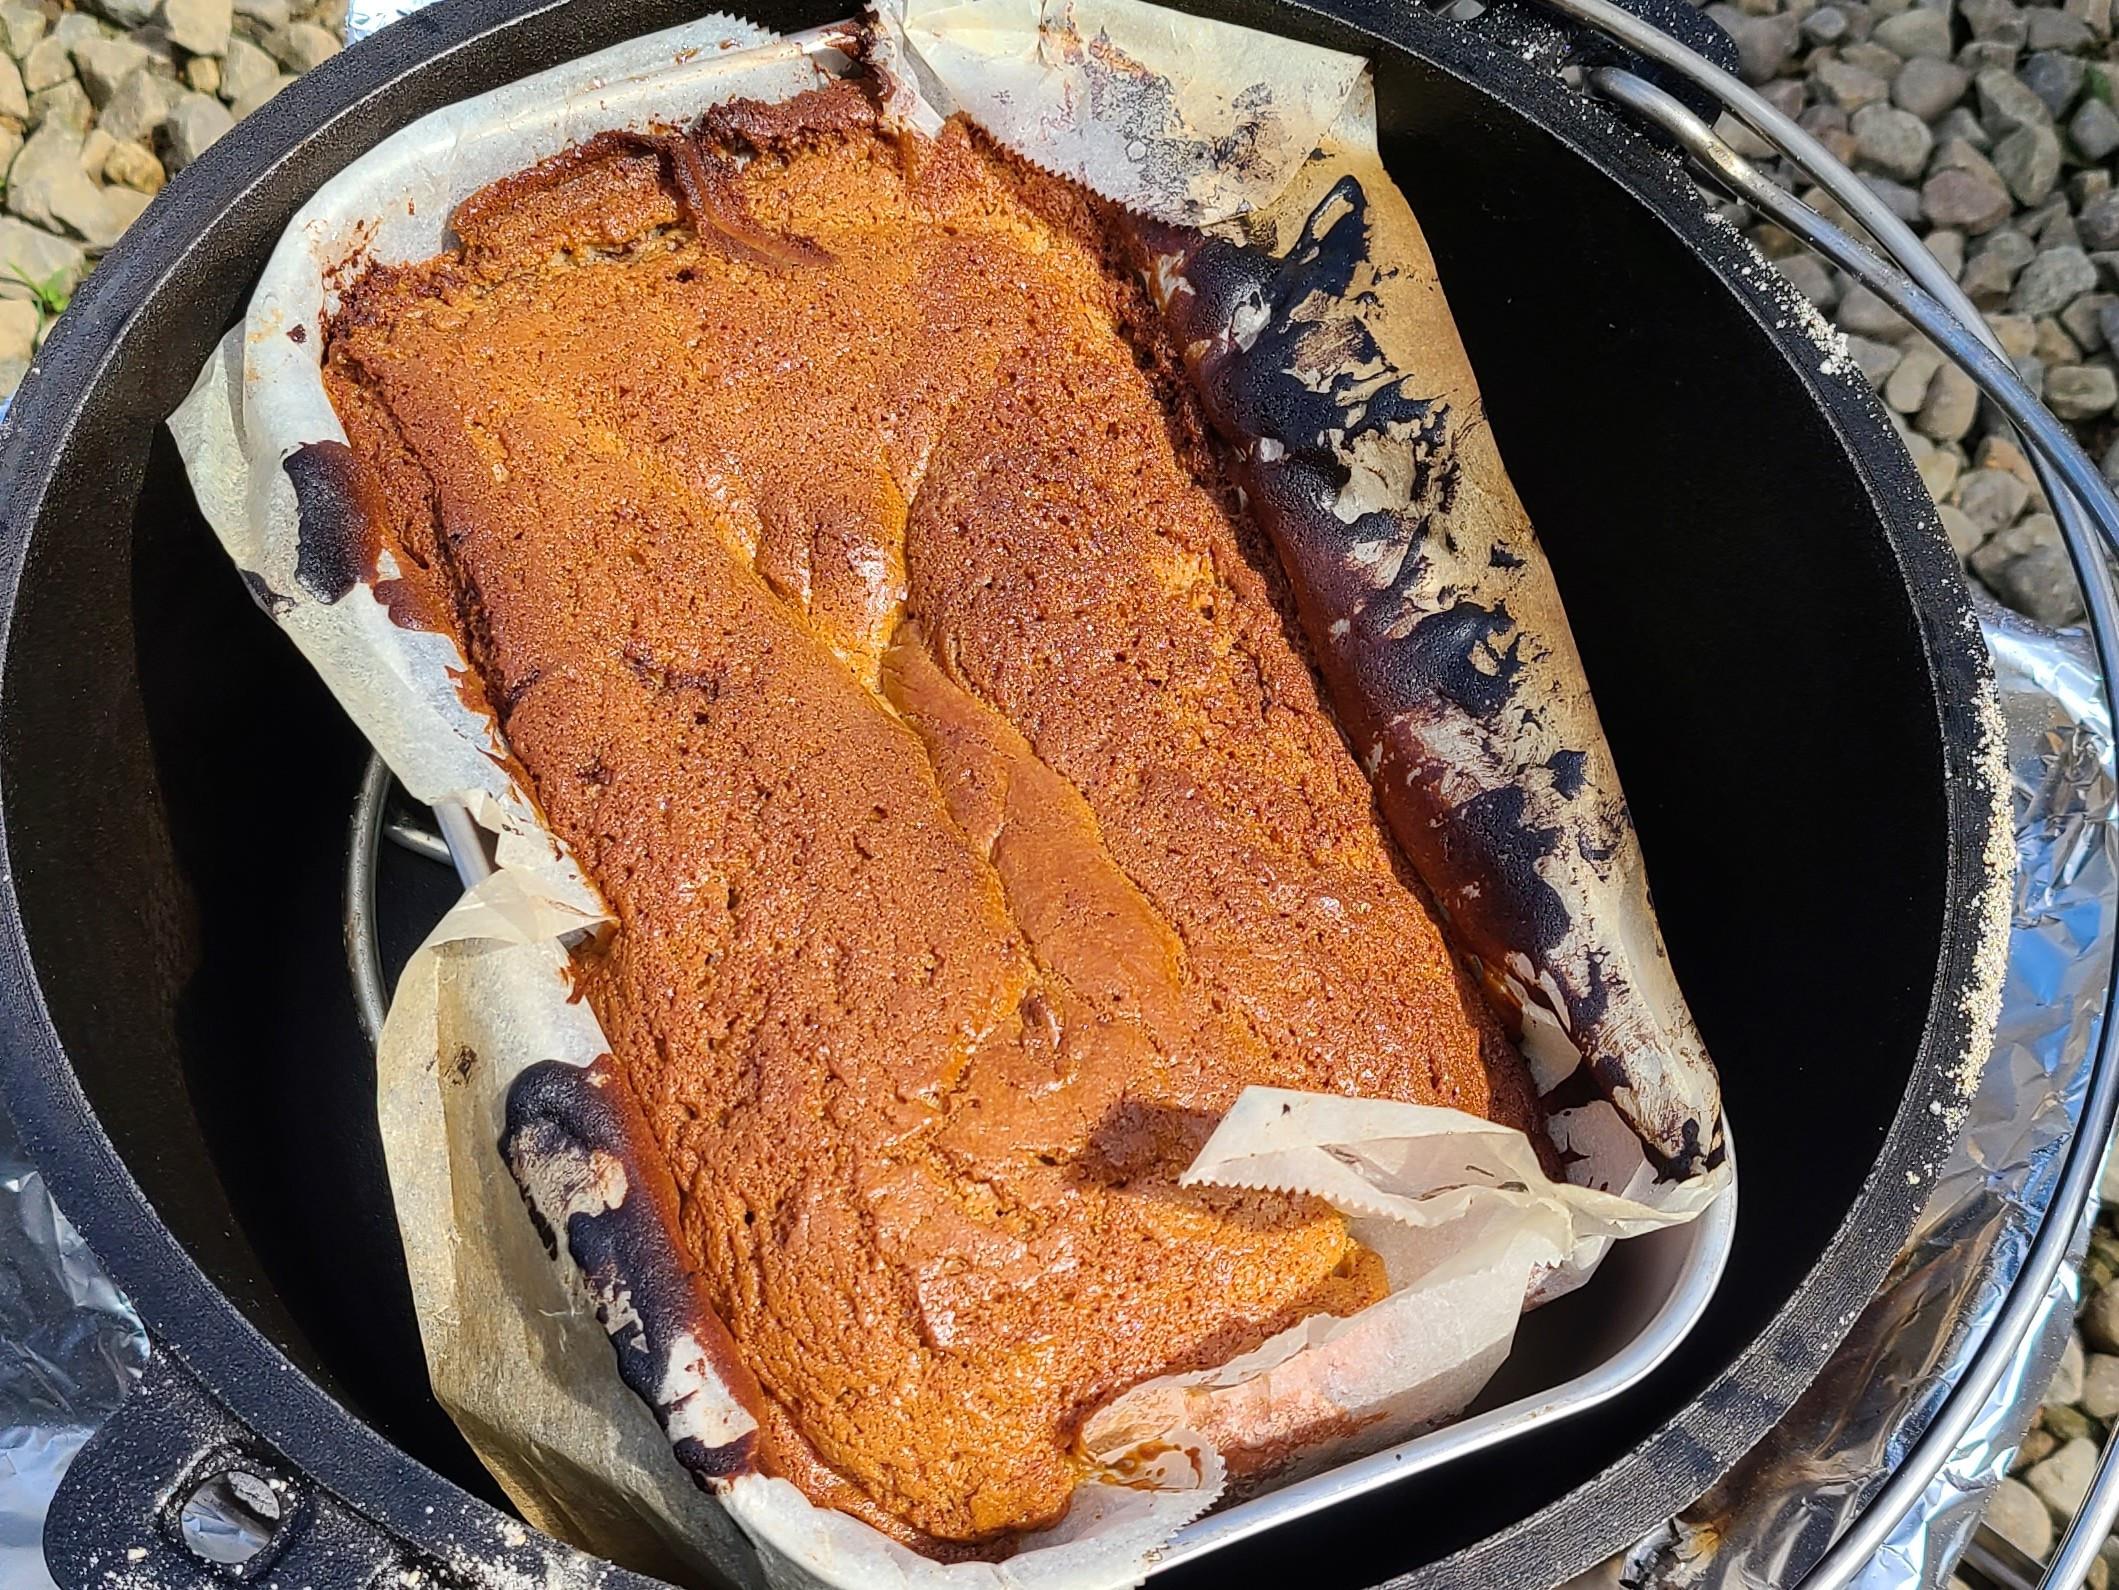 荷蘭鍋巧克力磅蛋糕